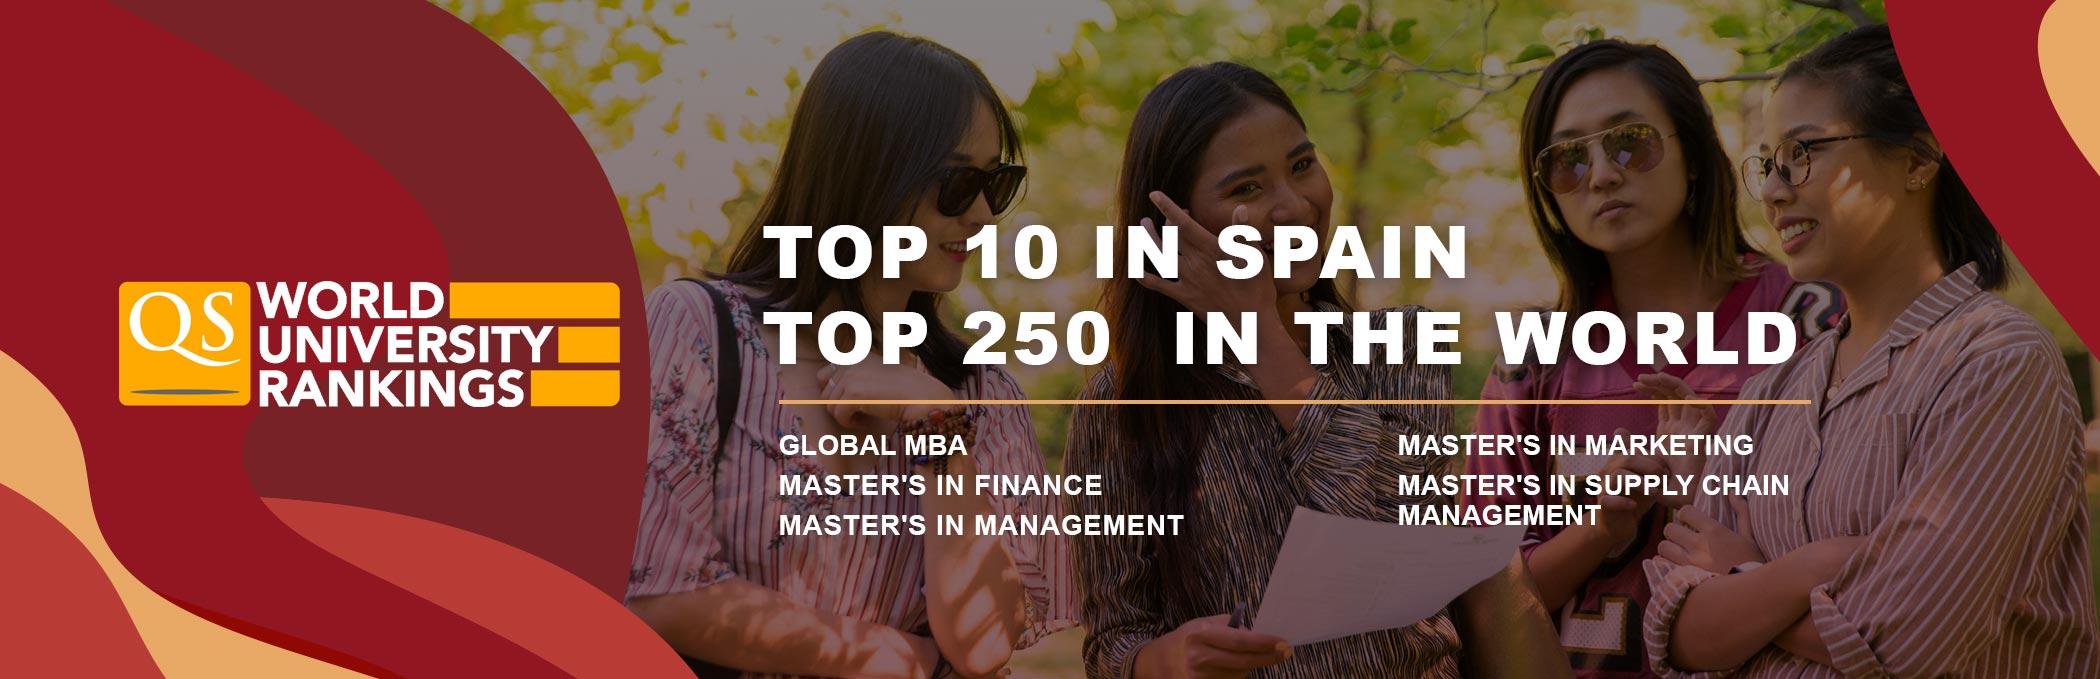 GBSB Global Business School in Europe University Rankings 2022